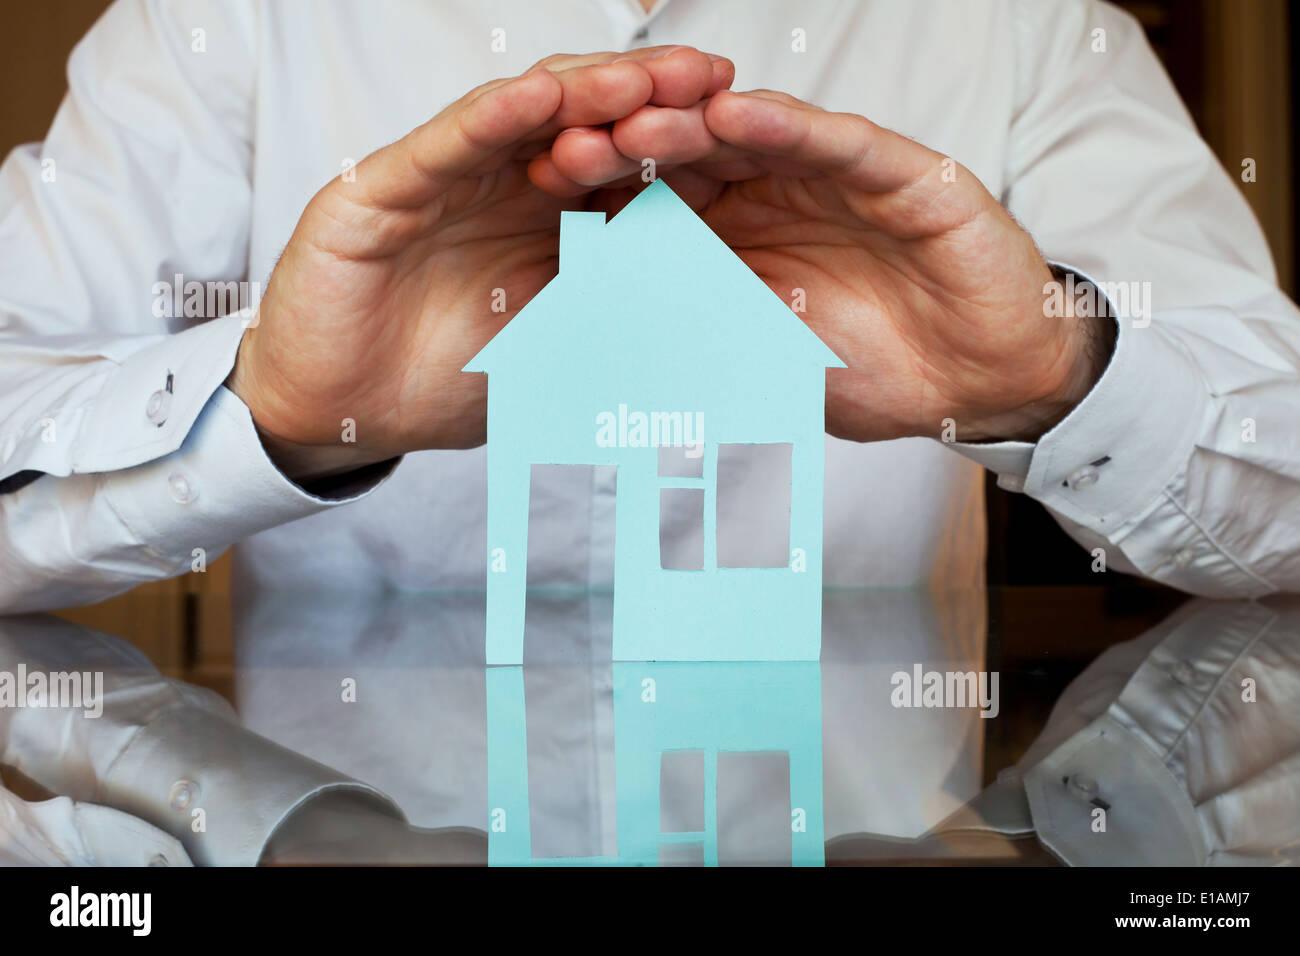 Assicurazione di immobili concetto Immagini Stock